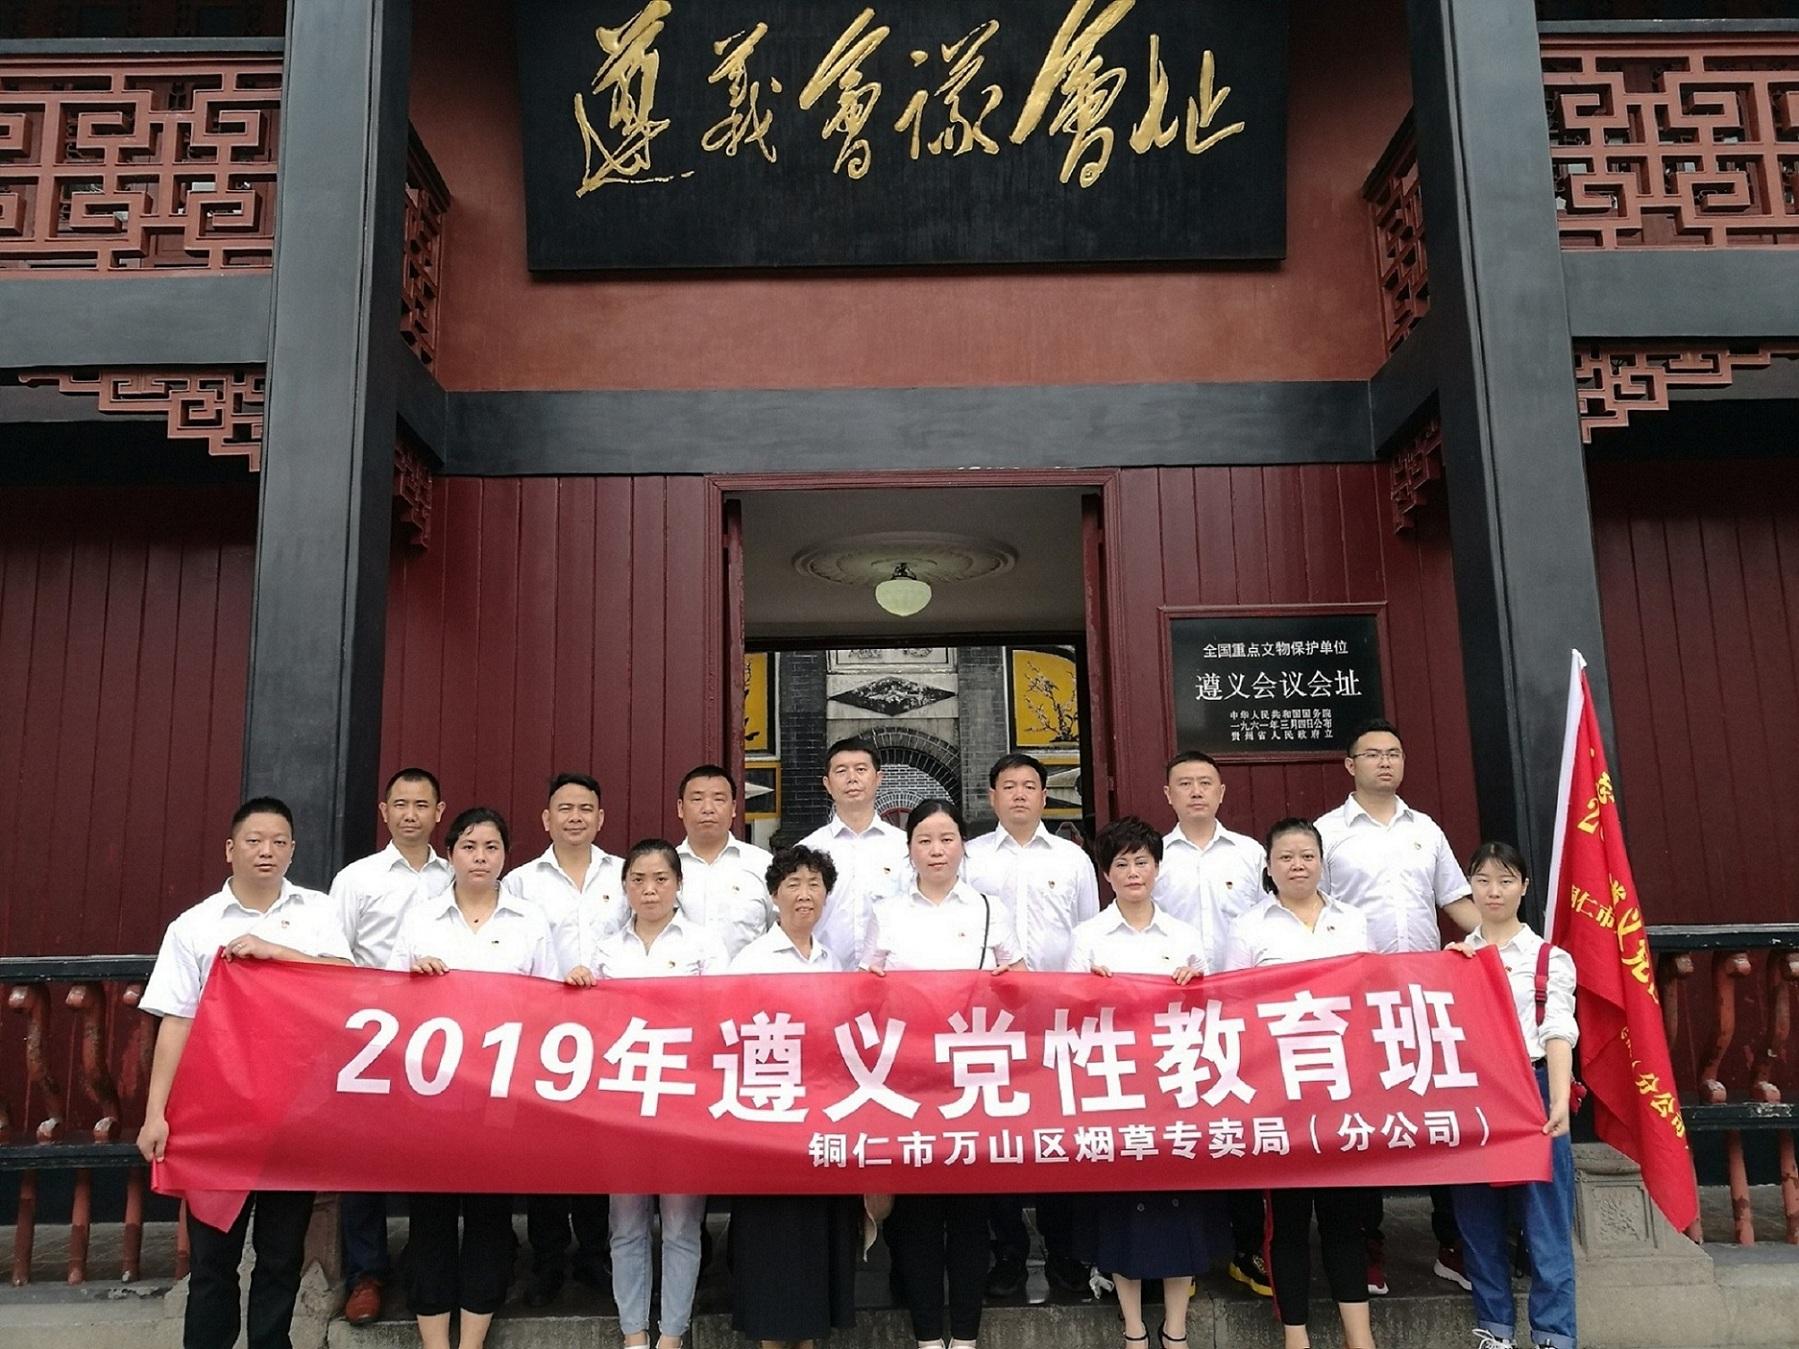 贵州烟草公司铜仁市公司2019年遵义党性教育班在遵开班